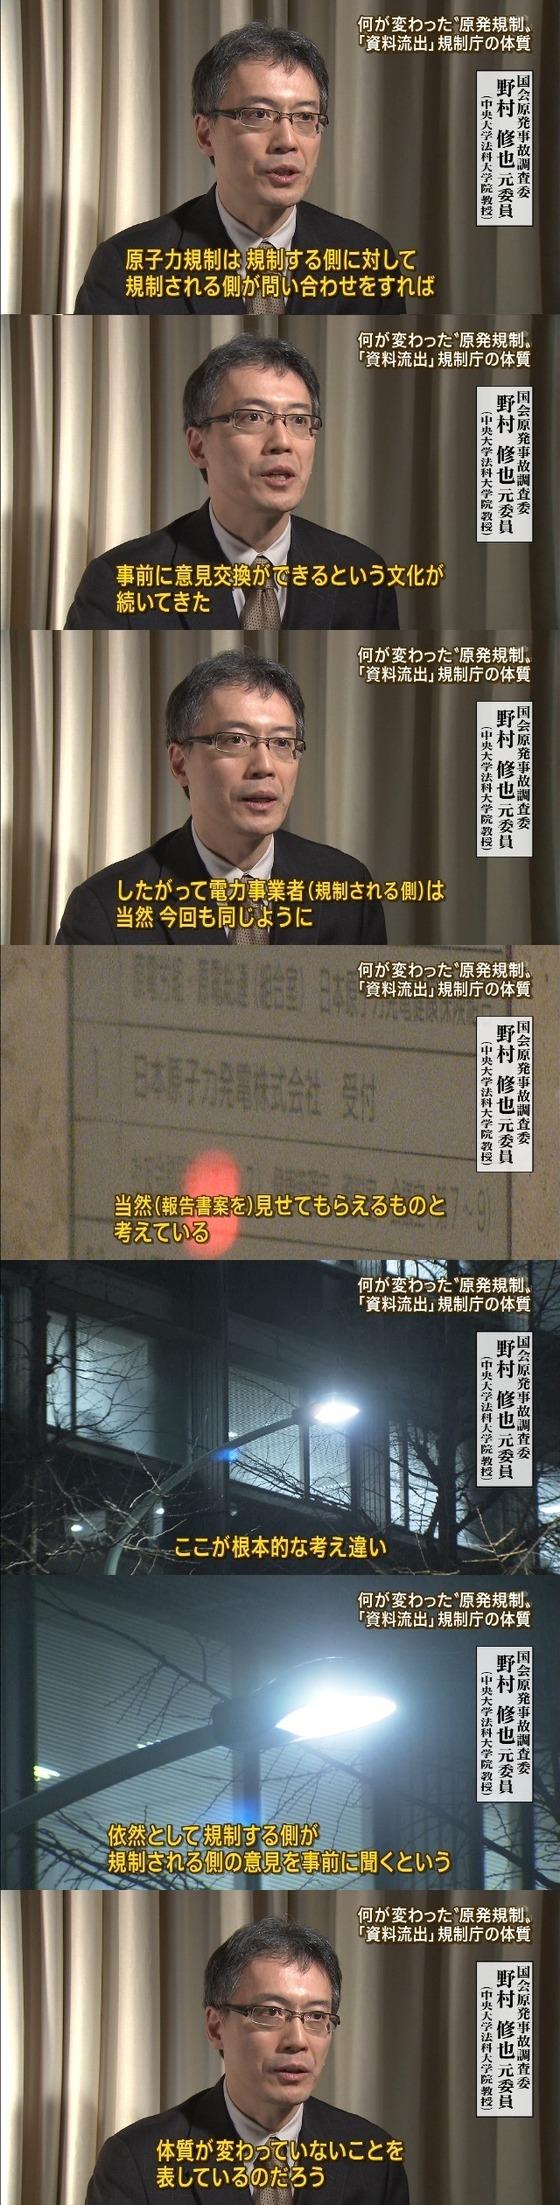 原発規制委員 規制庁が資料流出14